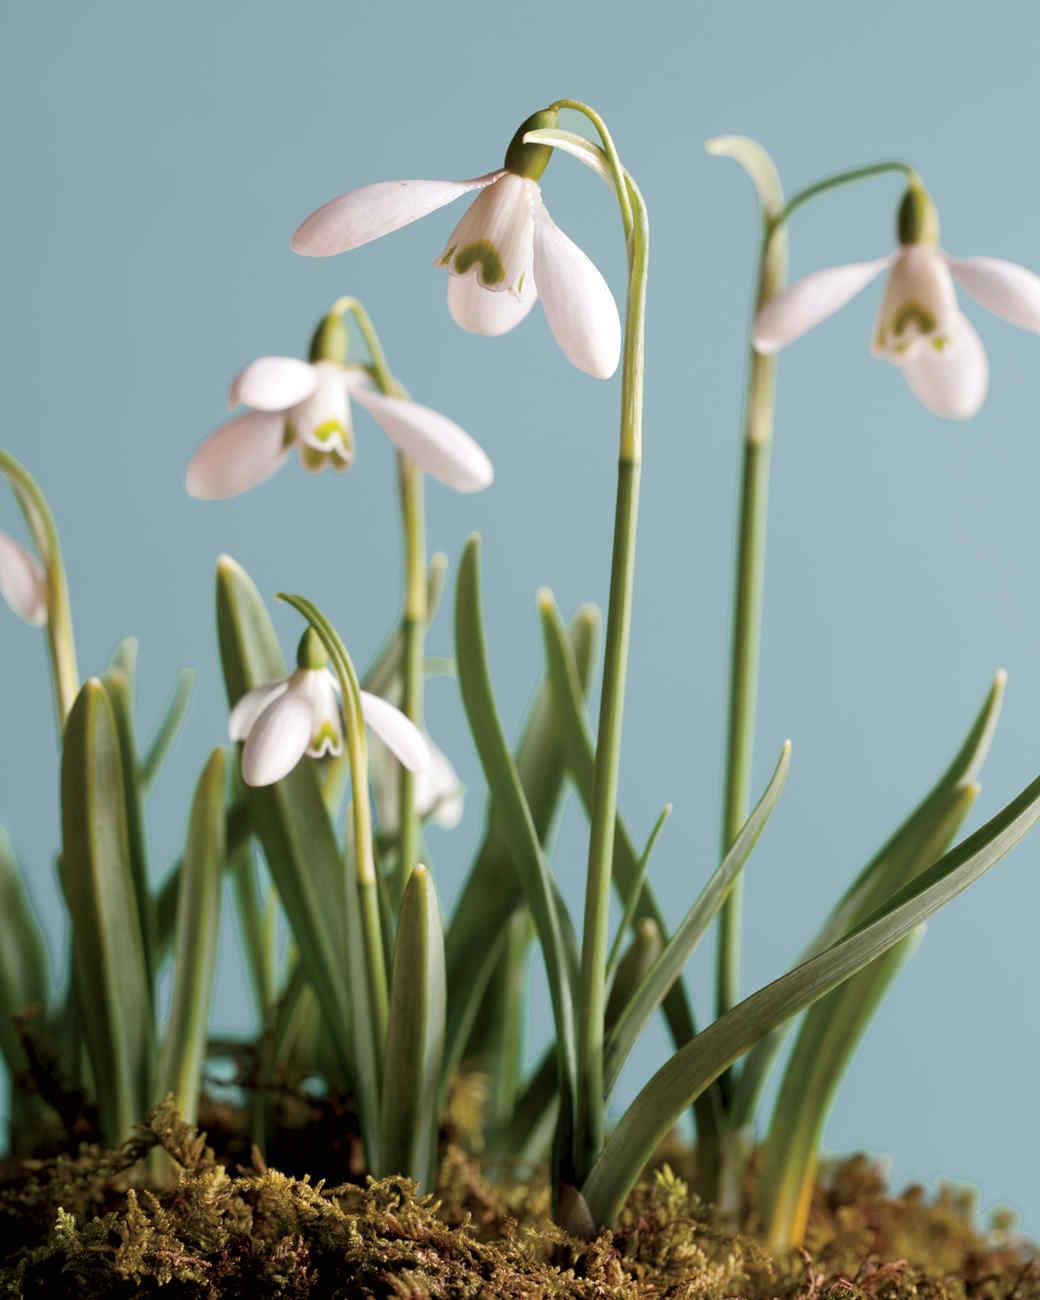 snowdrops-fragrant-mld107313.jpg